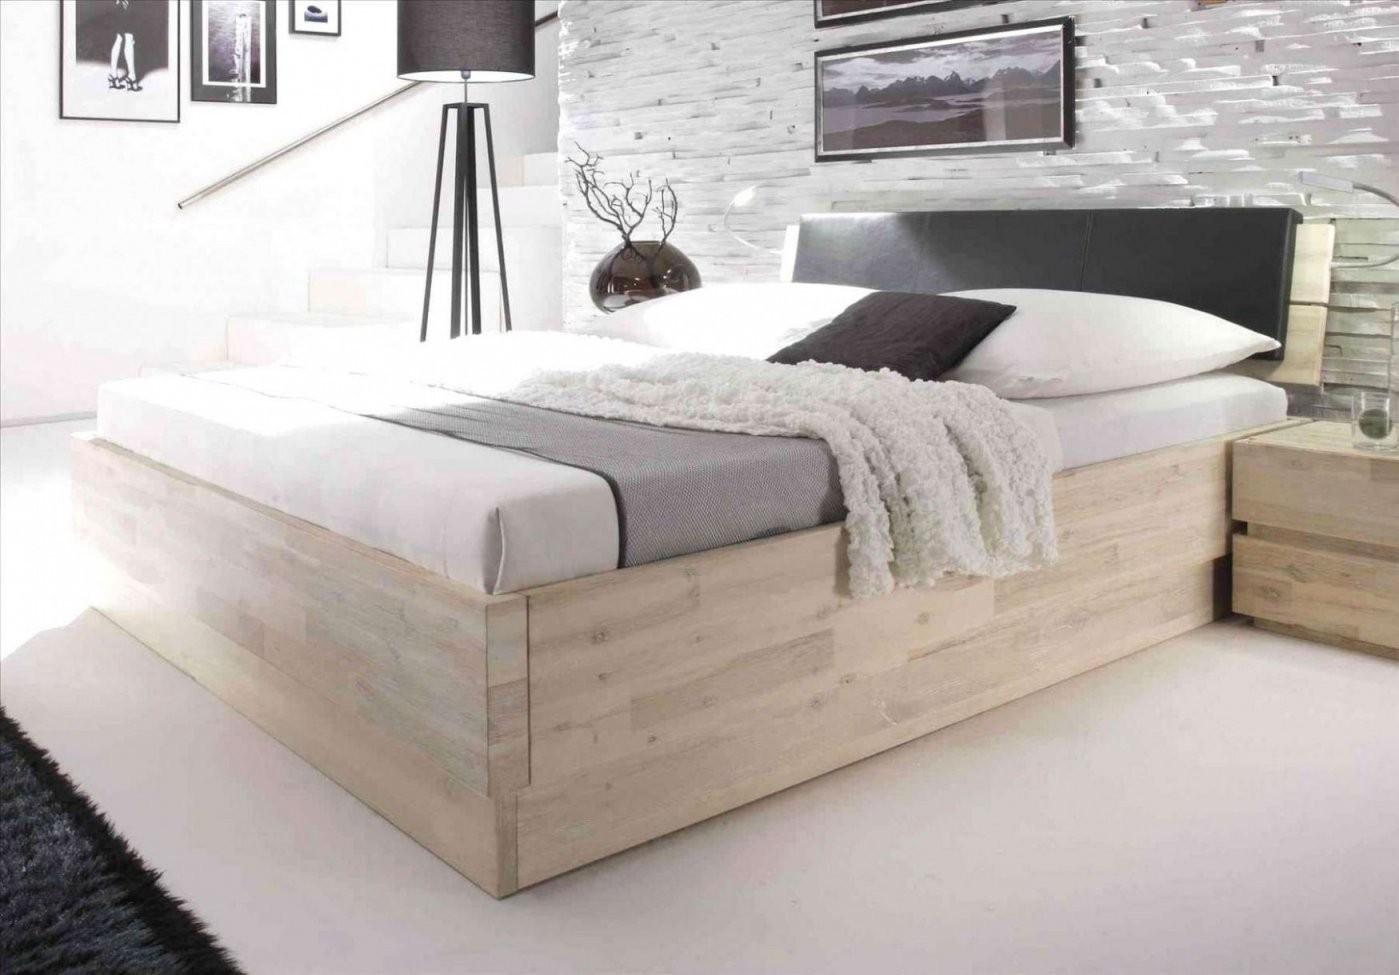 Bett Mit Schubladen Ausziehbar Beste Ideen Für Betten Hemnes Bett von Ikea Hemnes Bett Ausziehbar Bild